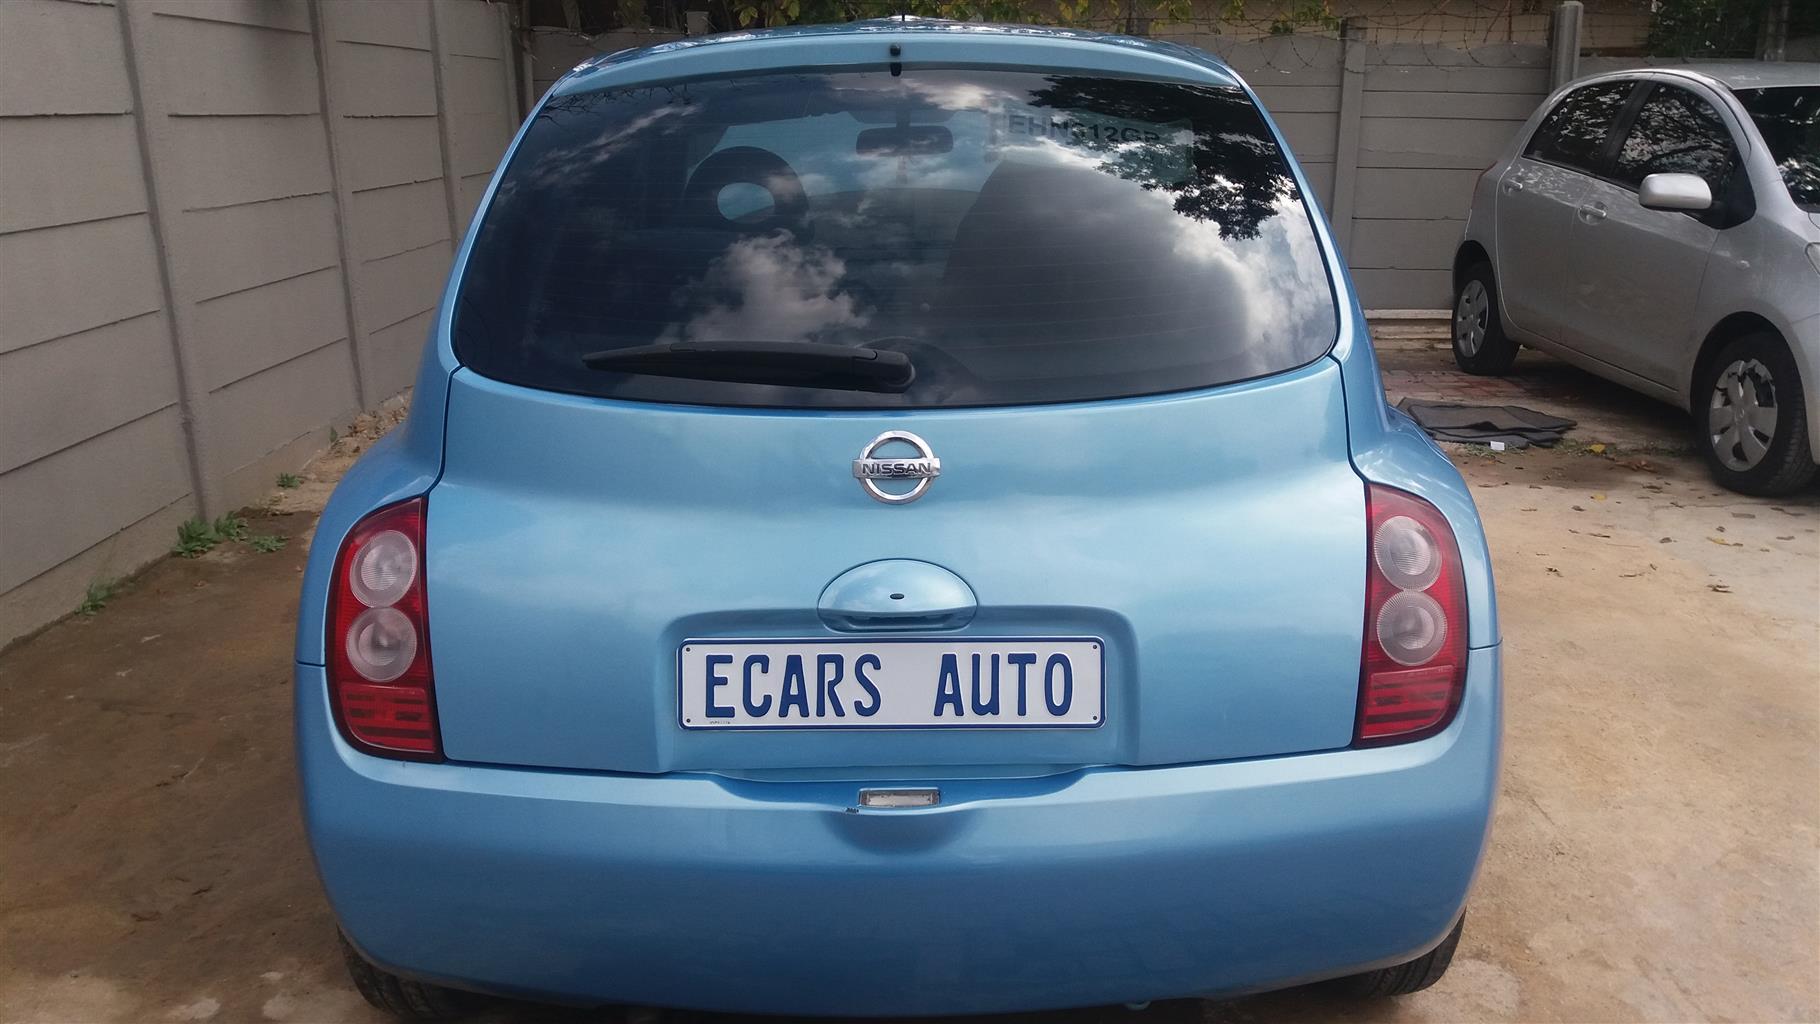 2005 Nissan Micra 1.4 5 door Acenta